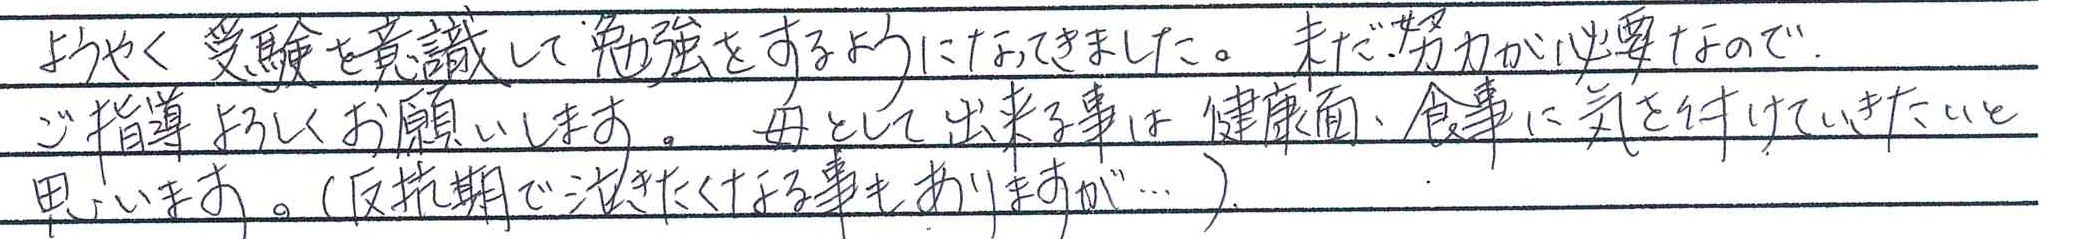 【2016年】高校入試ガイダンス_b0219726_16010252.jpg